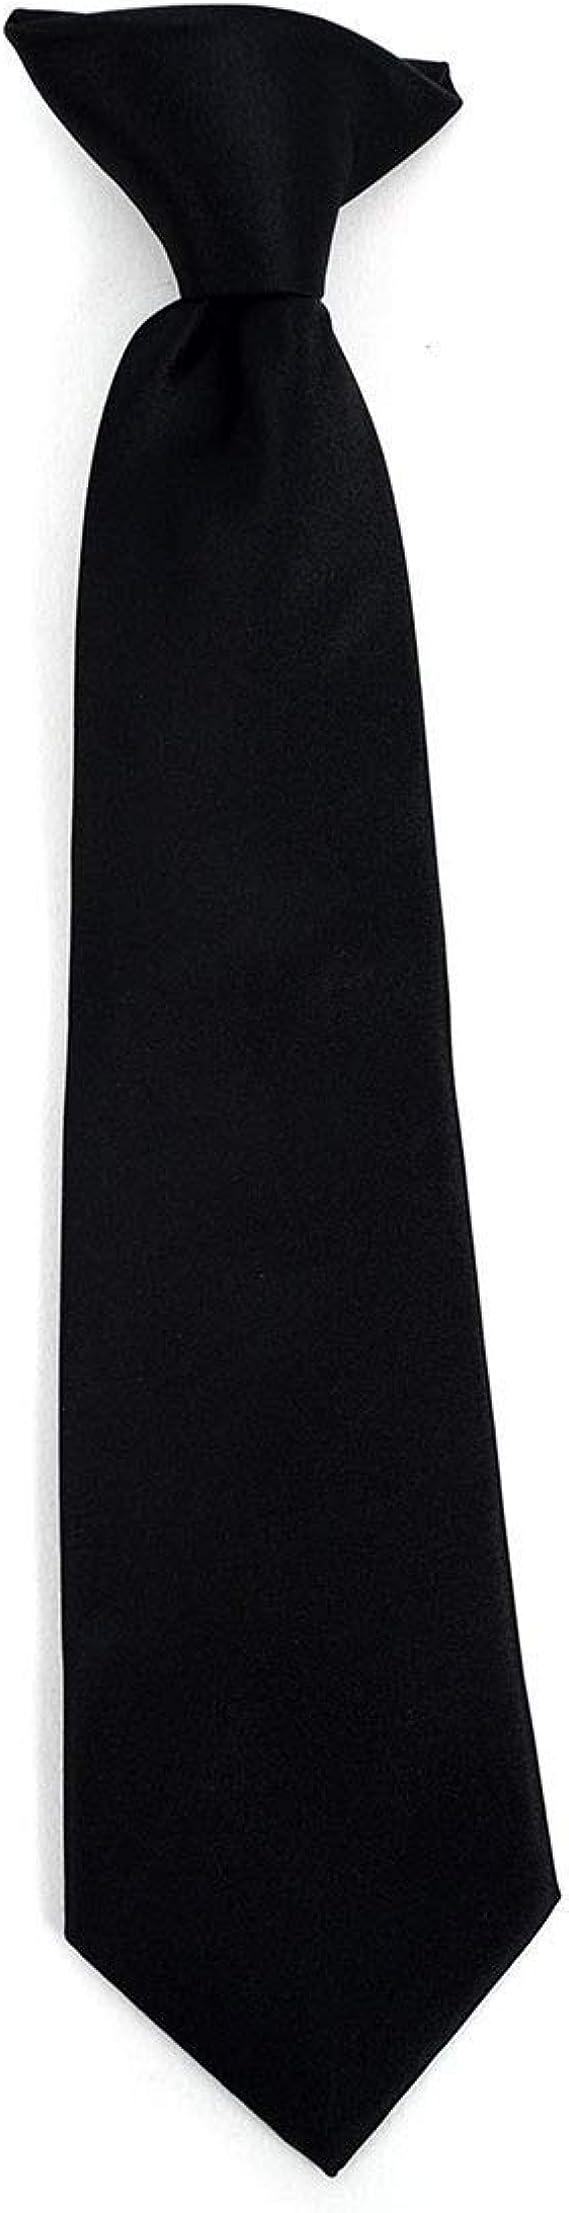 New Vesuvio Napoli Kid/'s Boy/'s Clip On Pre-tied Necktie size 14 Black Formal